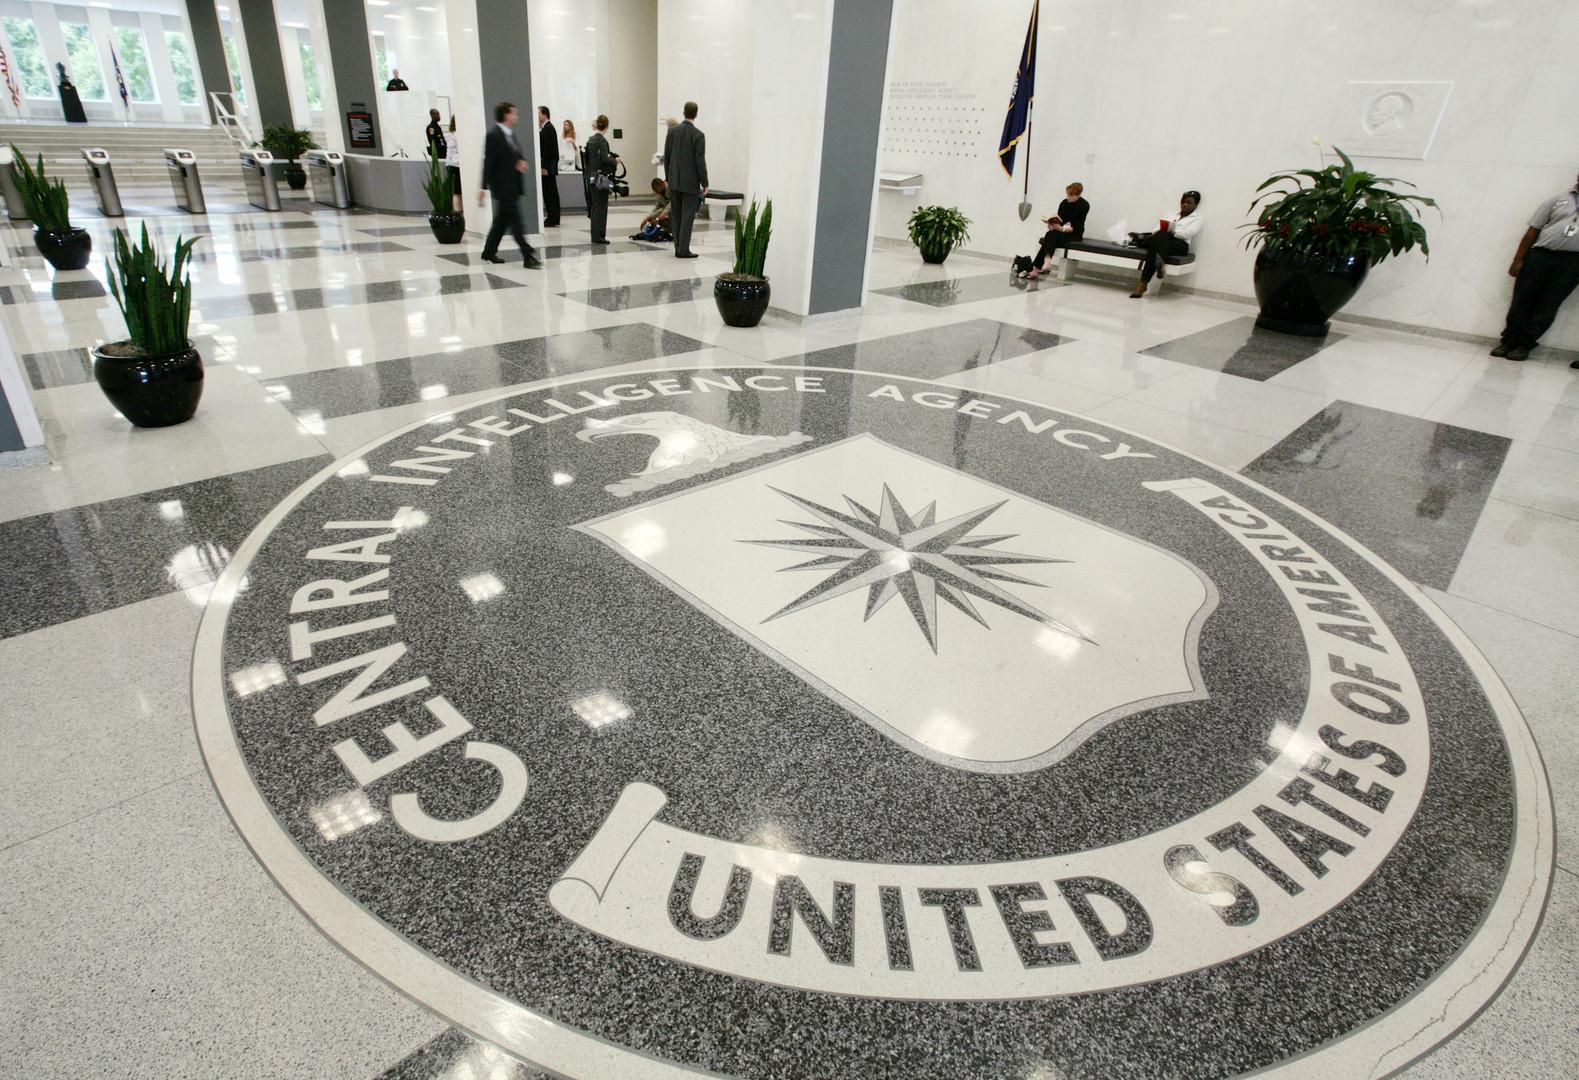 مقر وكالة المخابرات المركزية الأمريكية بولاية فرجينيا، أرشيف